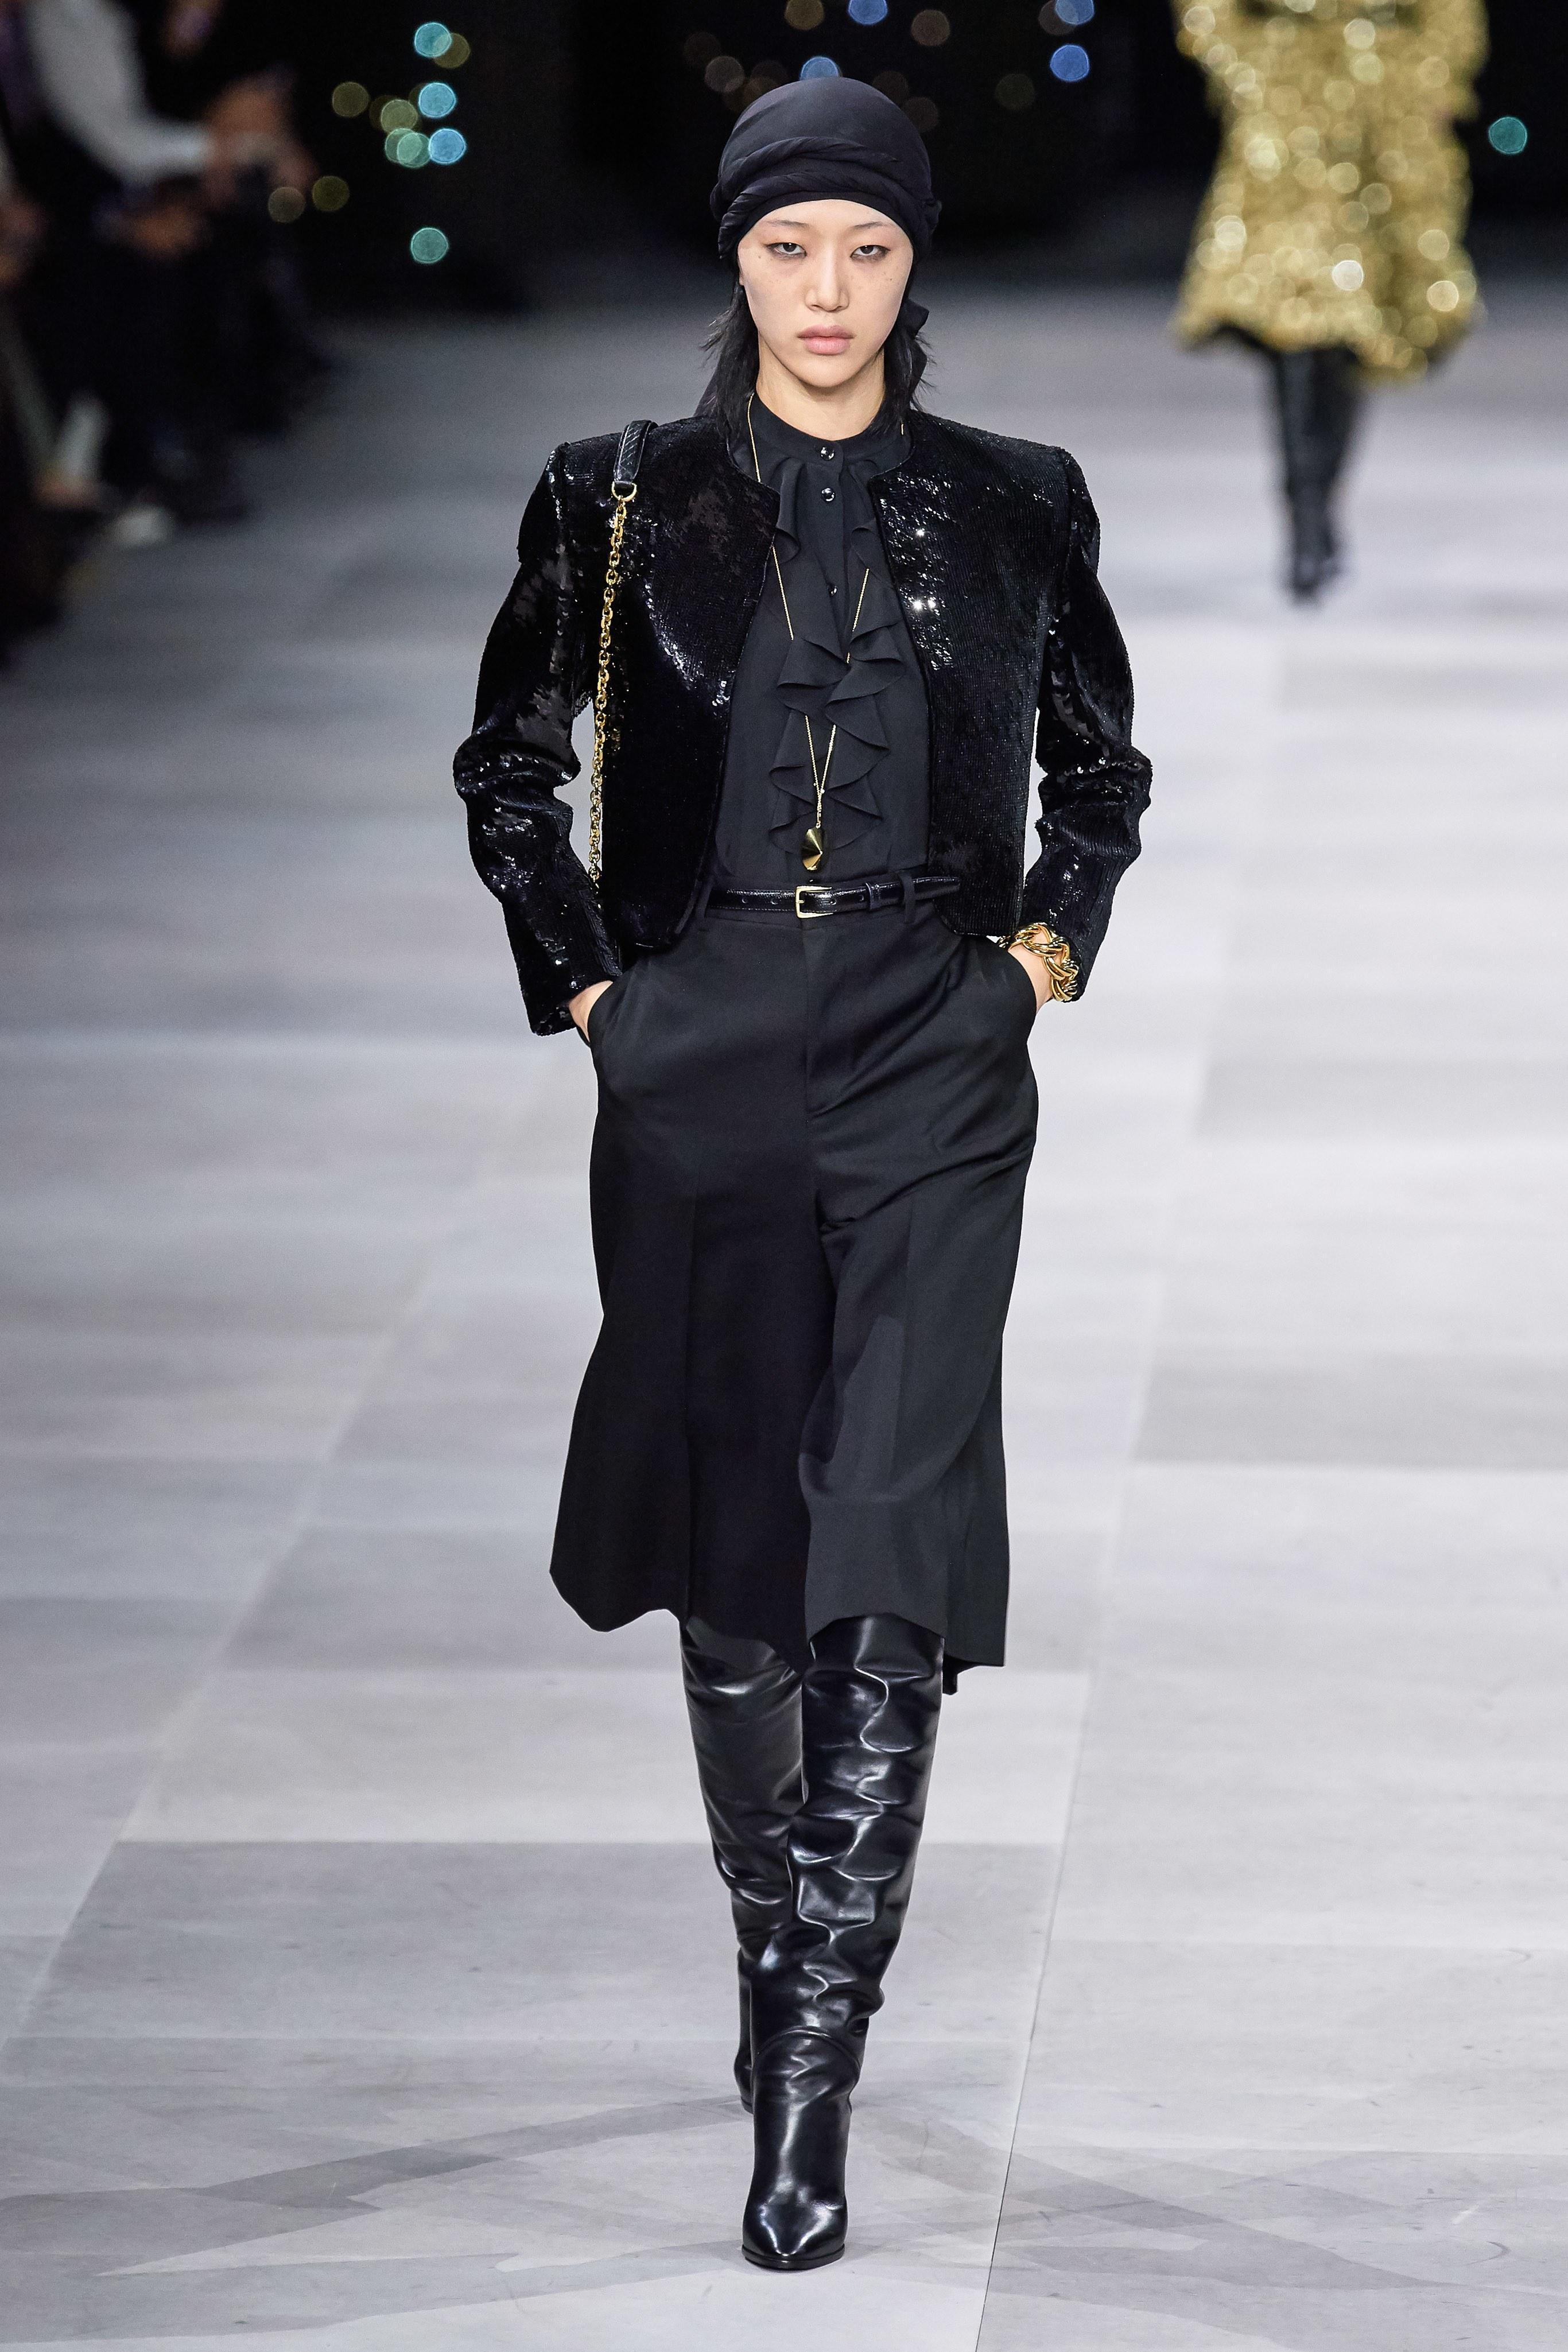 trang phục black-on-black bộ sưu tập celine xuân hè 2020